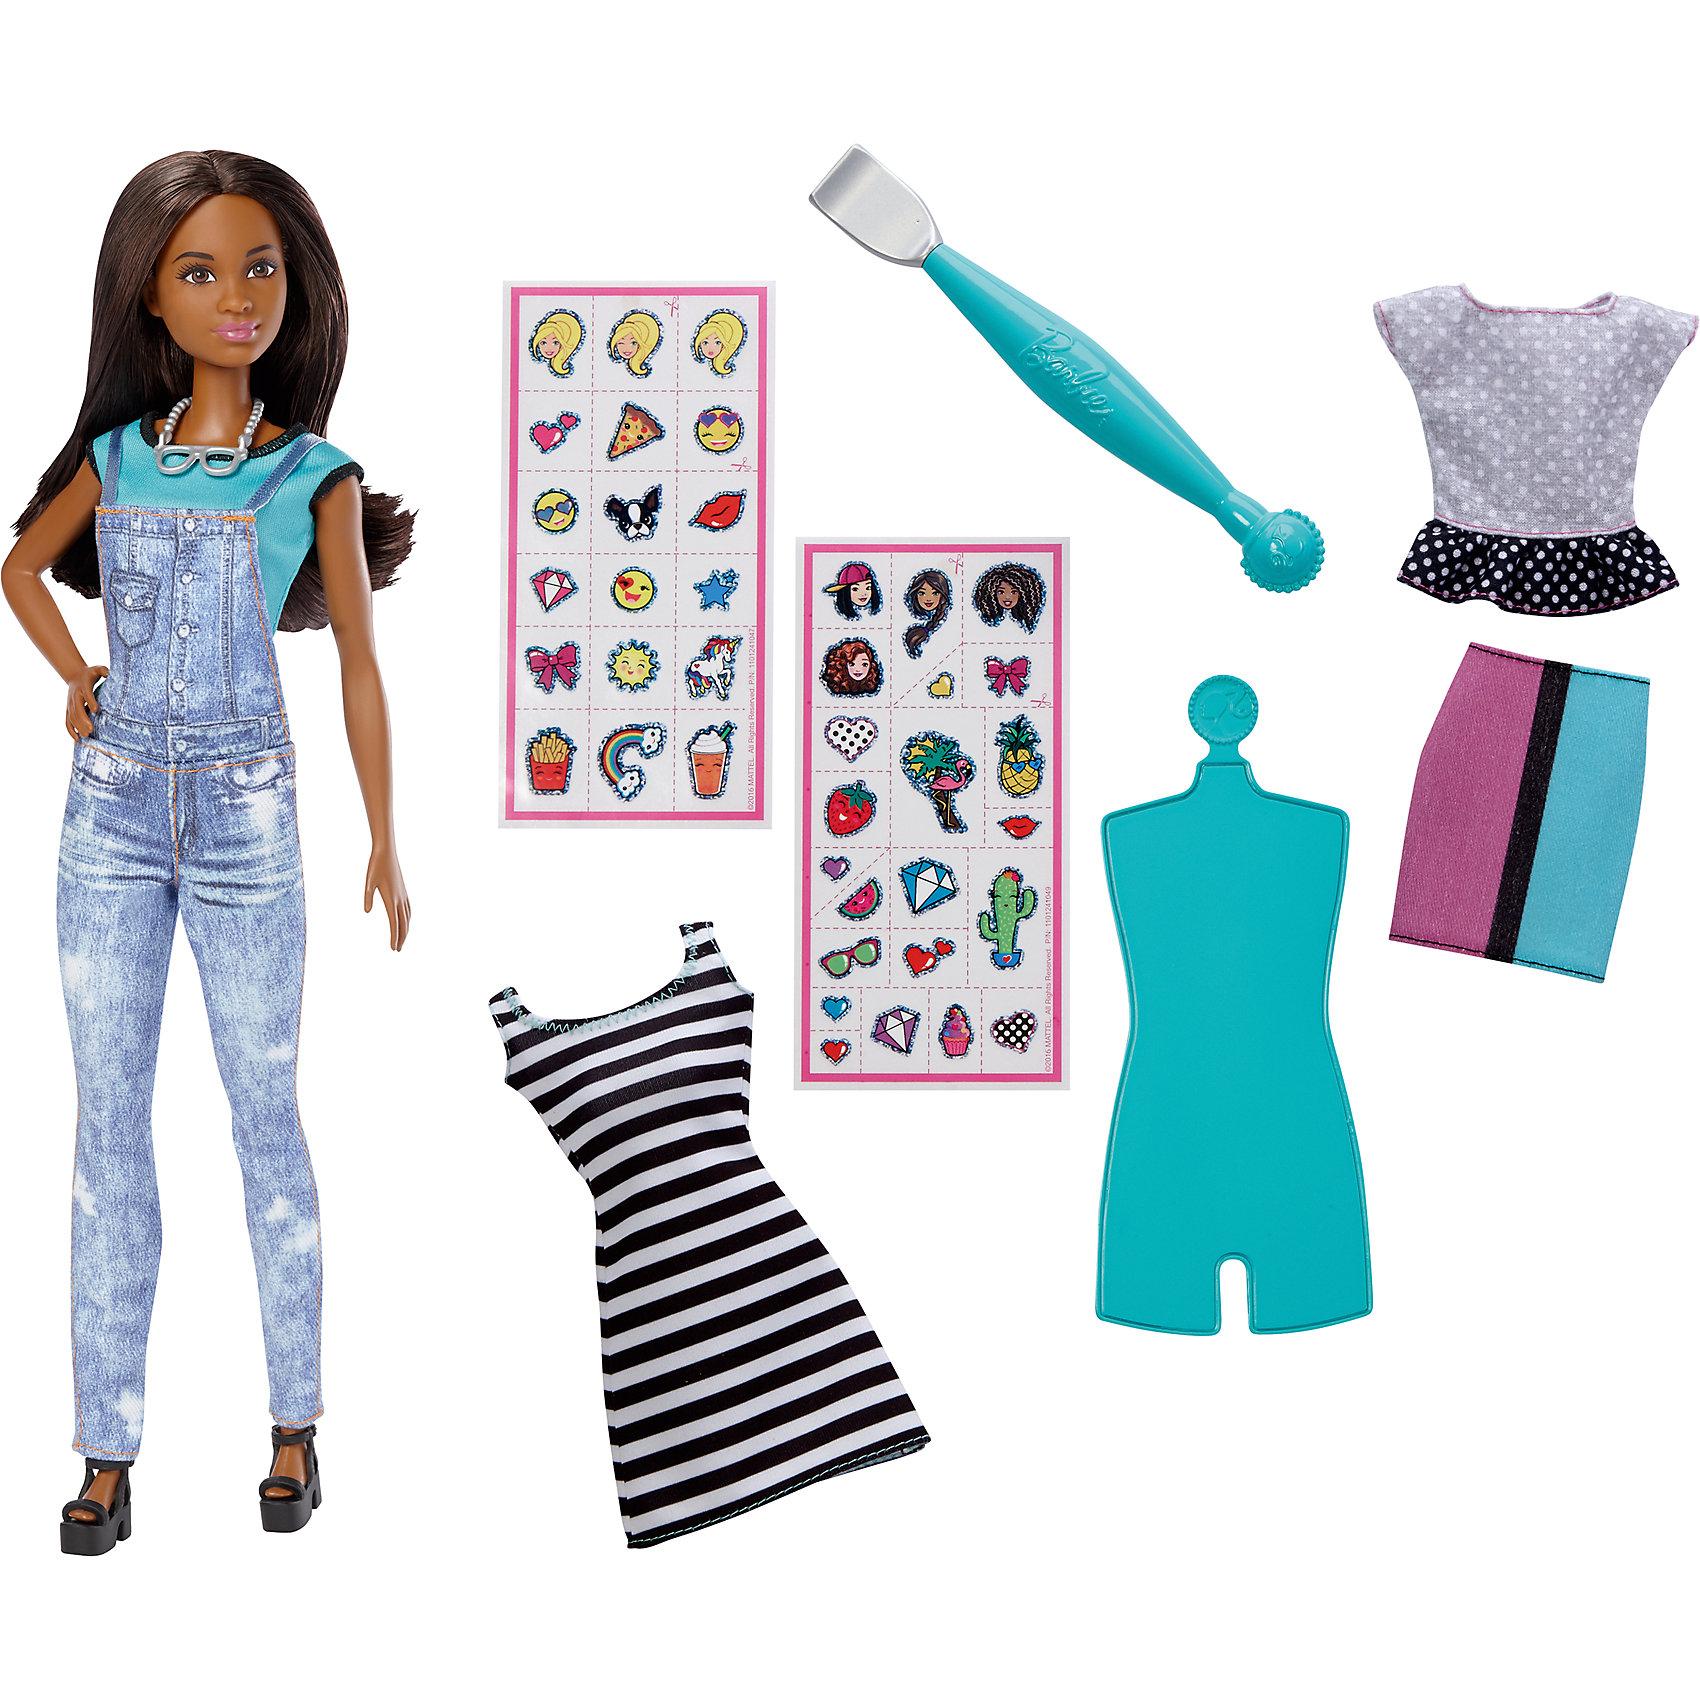 Игровой набор «EMOJI», BarbieBarbie<br>Характеристики товара:<br><br>• комплектация: кукла, одежда, аксессуары, наклейки<br>• материал: пластик, текстиль<br>• серия: EMOJI<br>• руки, ноги гнутся<br>• высота куклы: 29 см<br>• возраст: от трех лет<br>• размер упаковки: 23x6x33 см<br>• вес: 0,3 кг<br>• страна бренда: США<br><br>Невероятно модный образ куклы порадует маленьких любительниц стильных и необычных нарядов. Стильный наряд куклы дополняет дополнительный набор одежды. обувь и аксессуары. Длинные волосы позволяют делать разнообразные прически! С помощью наклеек из набора одежду можно украшать разными принтами. Игровой набор «EMOJI» станет великолепным подарком для девочек, которые следят за модными тенденциями.<br><br>Такие куклы помогают развить у девочек вкус и чувство стиля, отработать сценарии поведения в обществе, развить воображение и мелкую моторику. Барби от бренда Mattel не перестает быть популярной! <br><br>Игровой набор «EMOJI», Barbie, от компании Mattel можно купить в нашем интернет-магазине.<br><br>Ширина мм: 230<br>Глубина мм: 60<br>Высота мм: 330<br>Вес г: 281<br>Возраст от месяцев: 60<br>Возраст до месяцев: 120<br>Пол: Женский<br>Возраст: Детский<br>SKU: 5389668